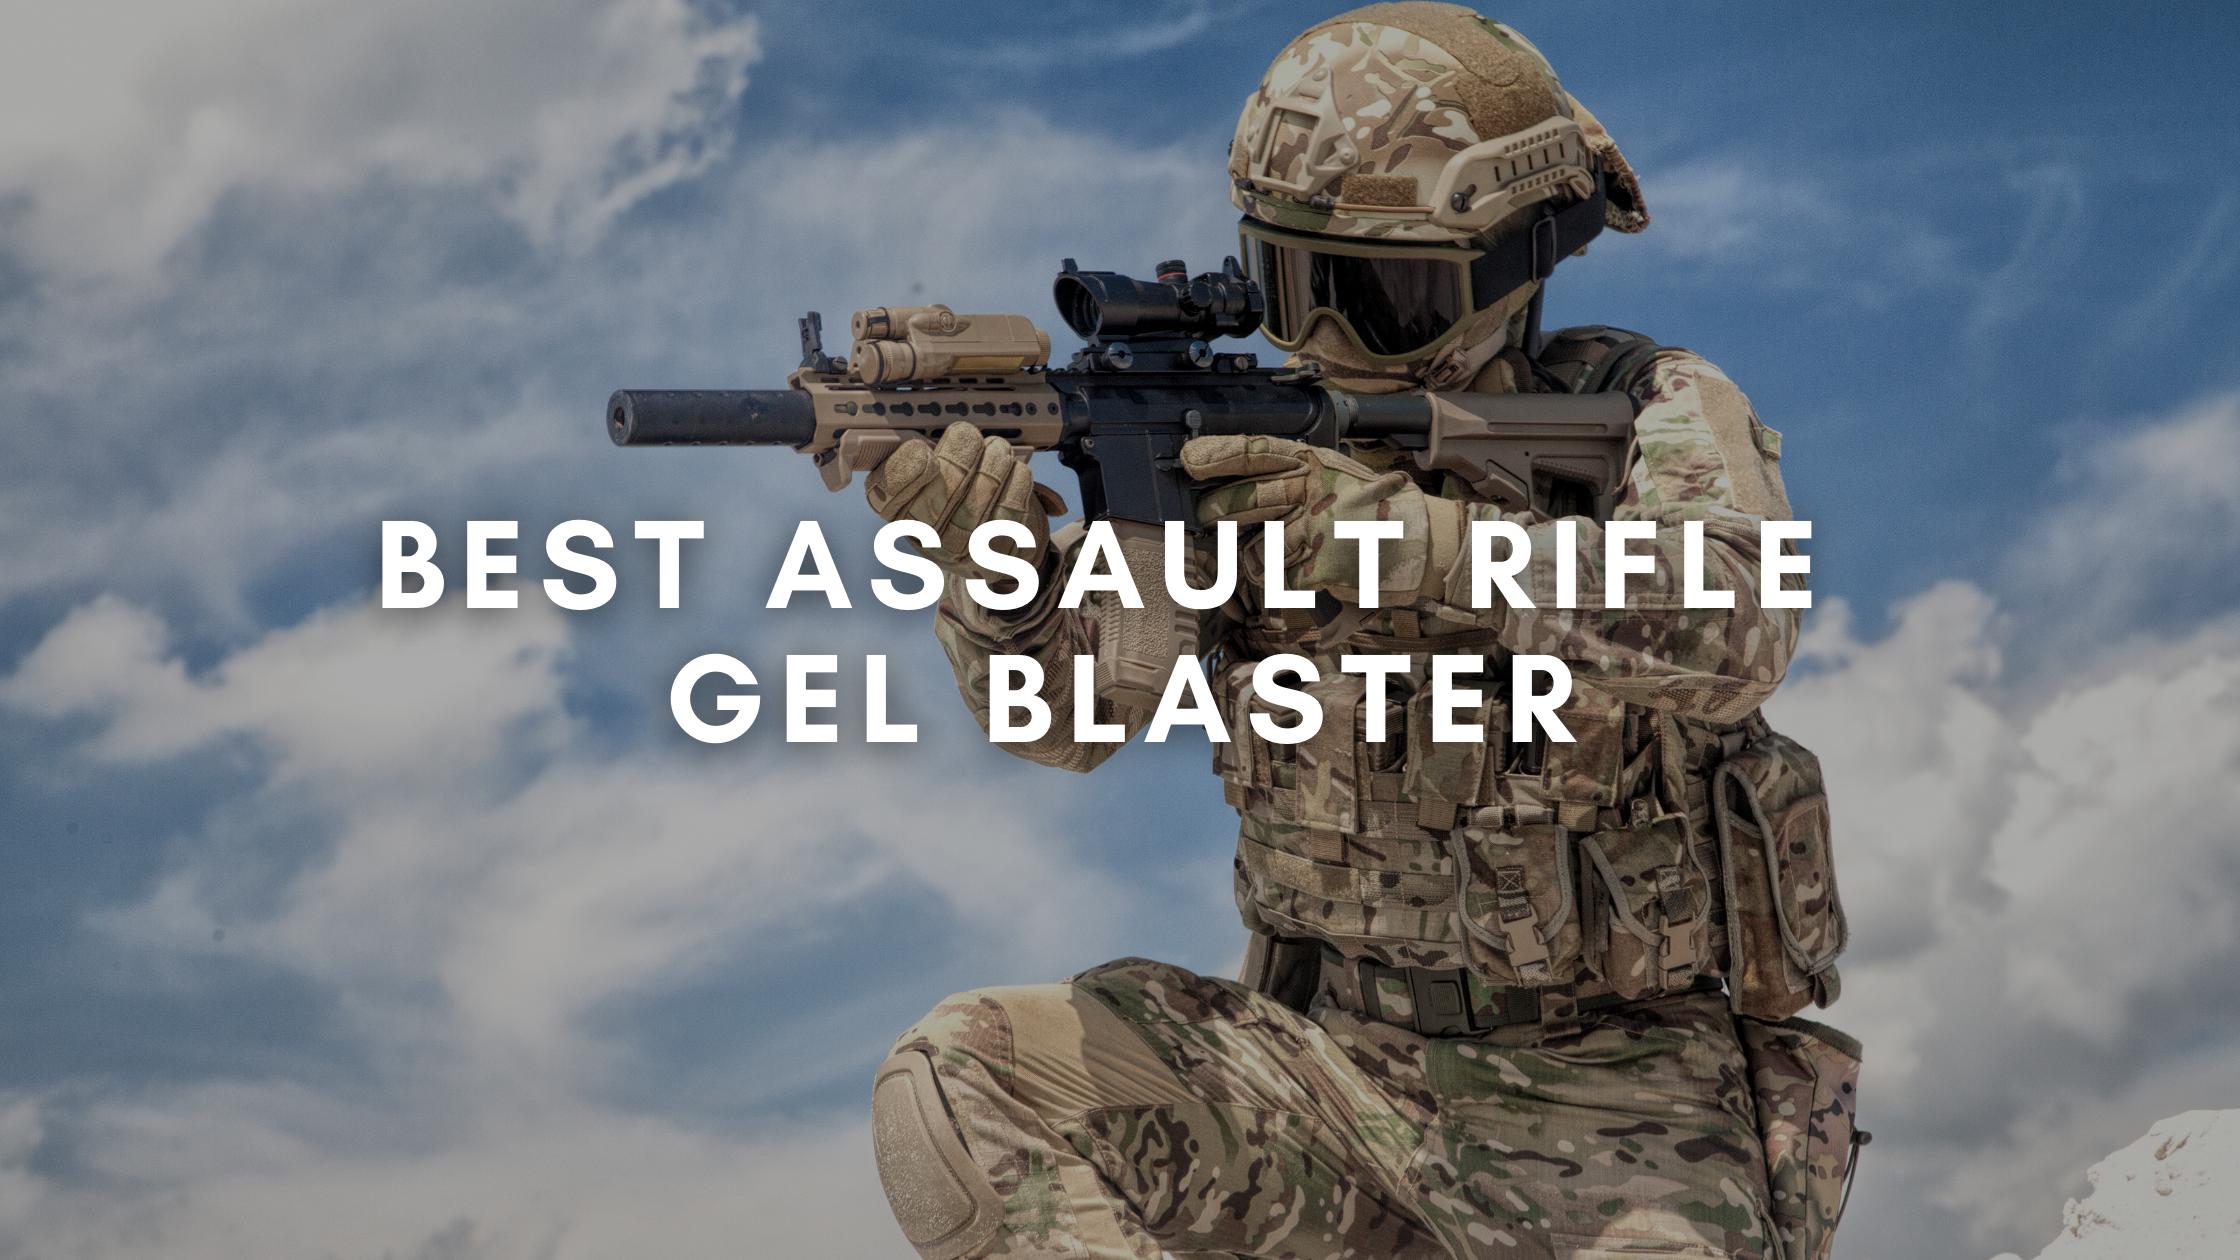 Best Assault Rifle Gel Blaster